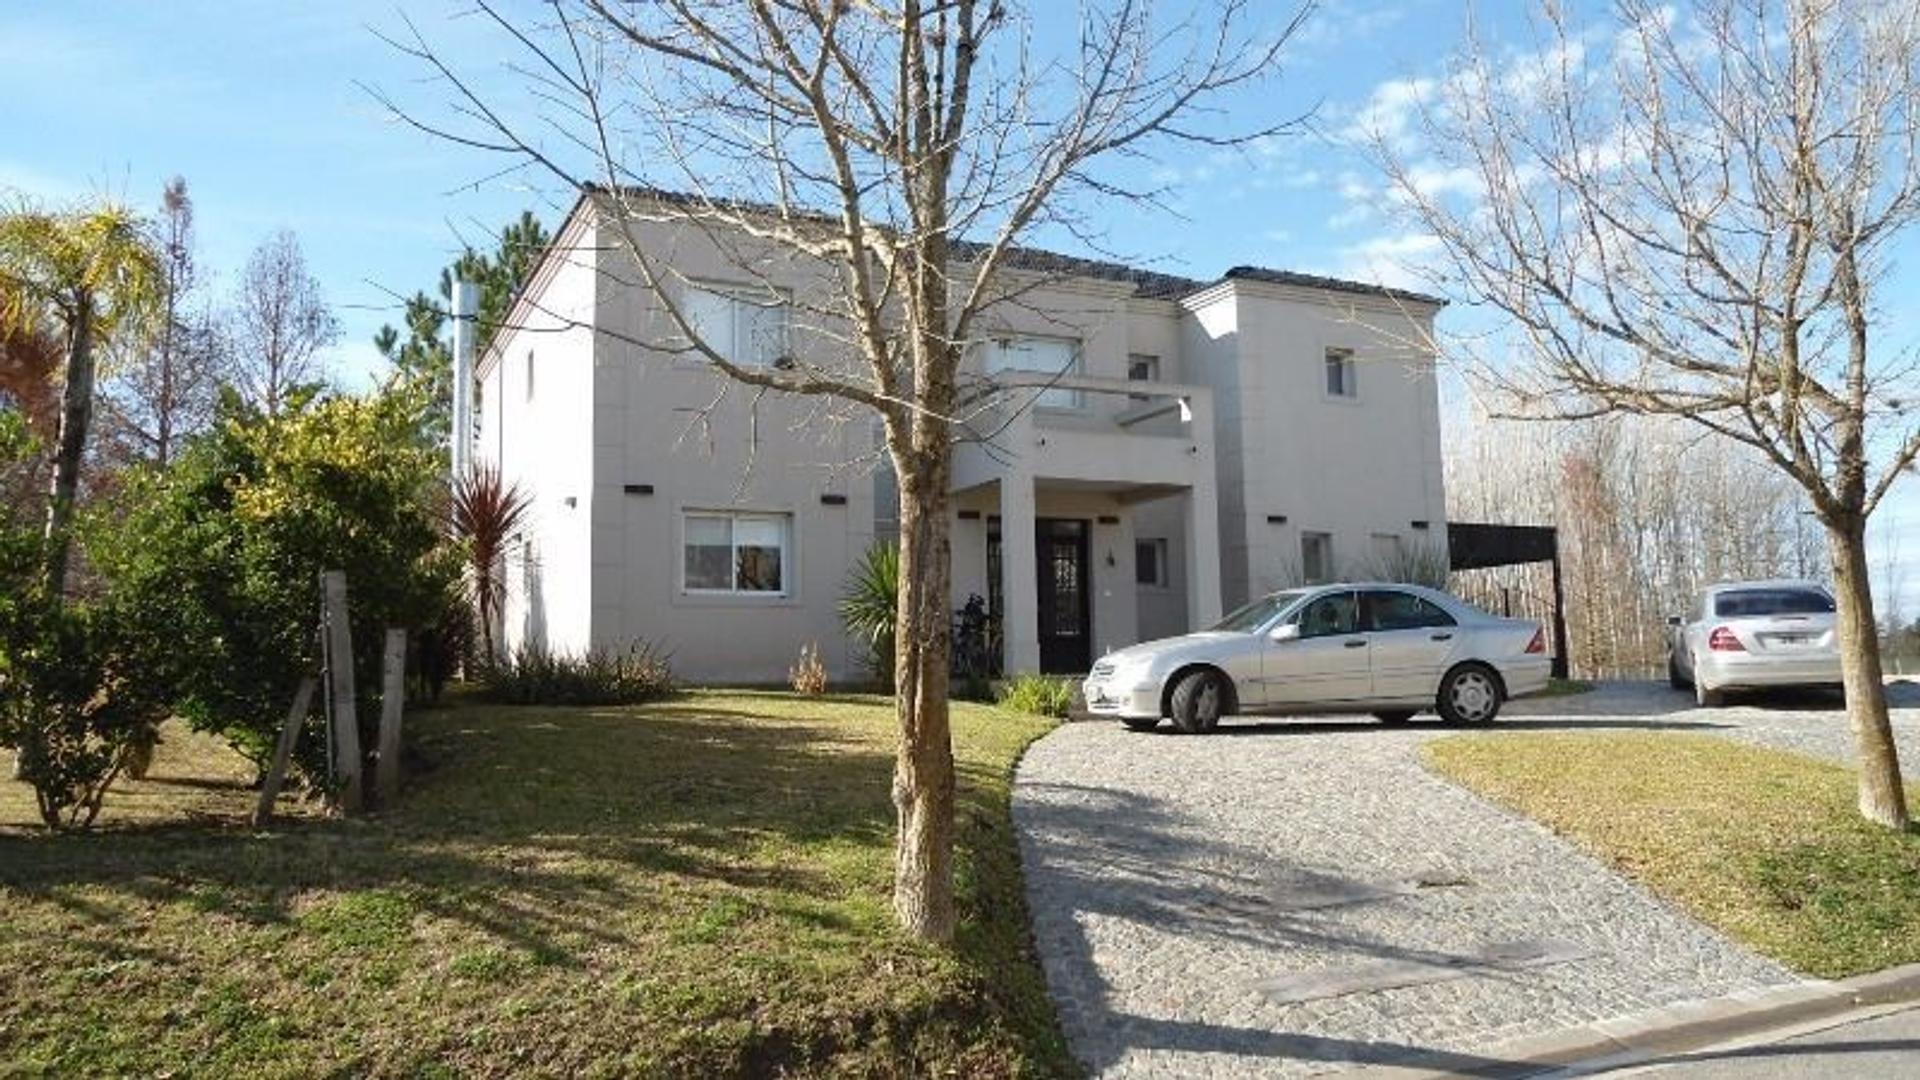 Bº Cº SEPTIEMBRE - casa en venta